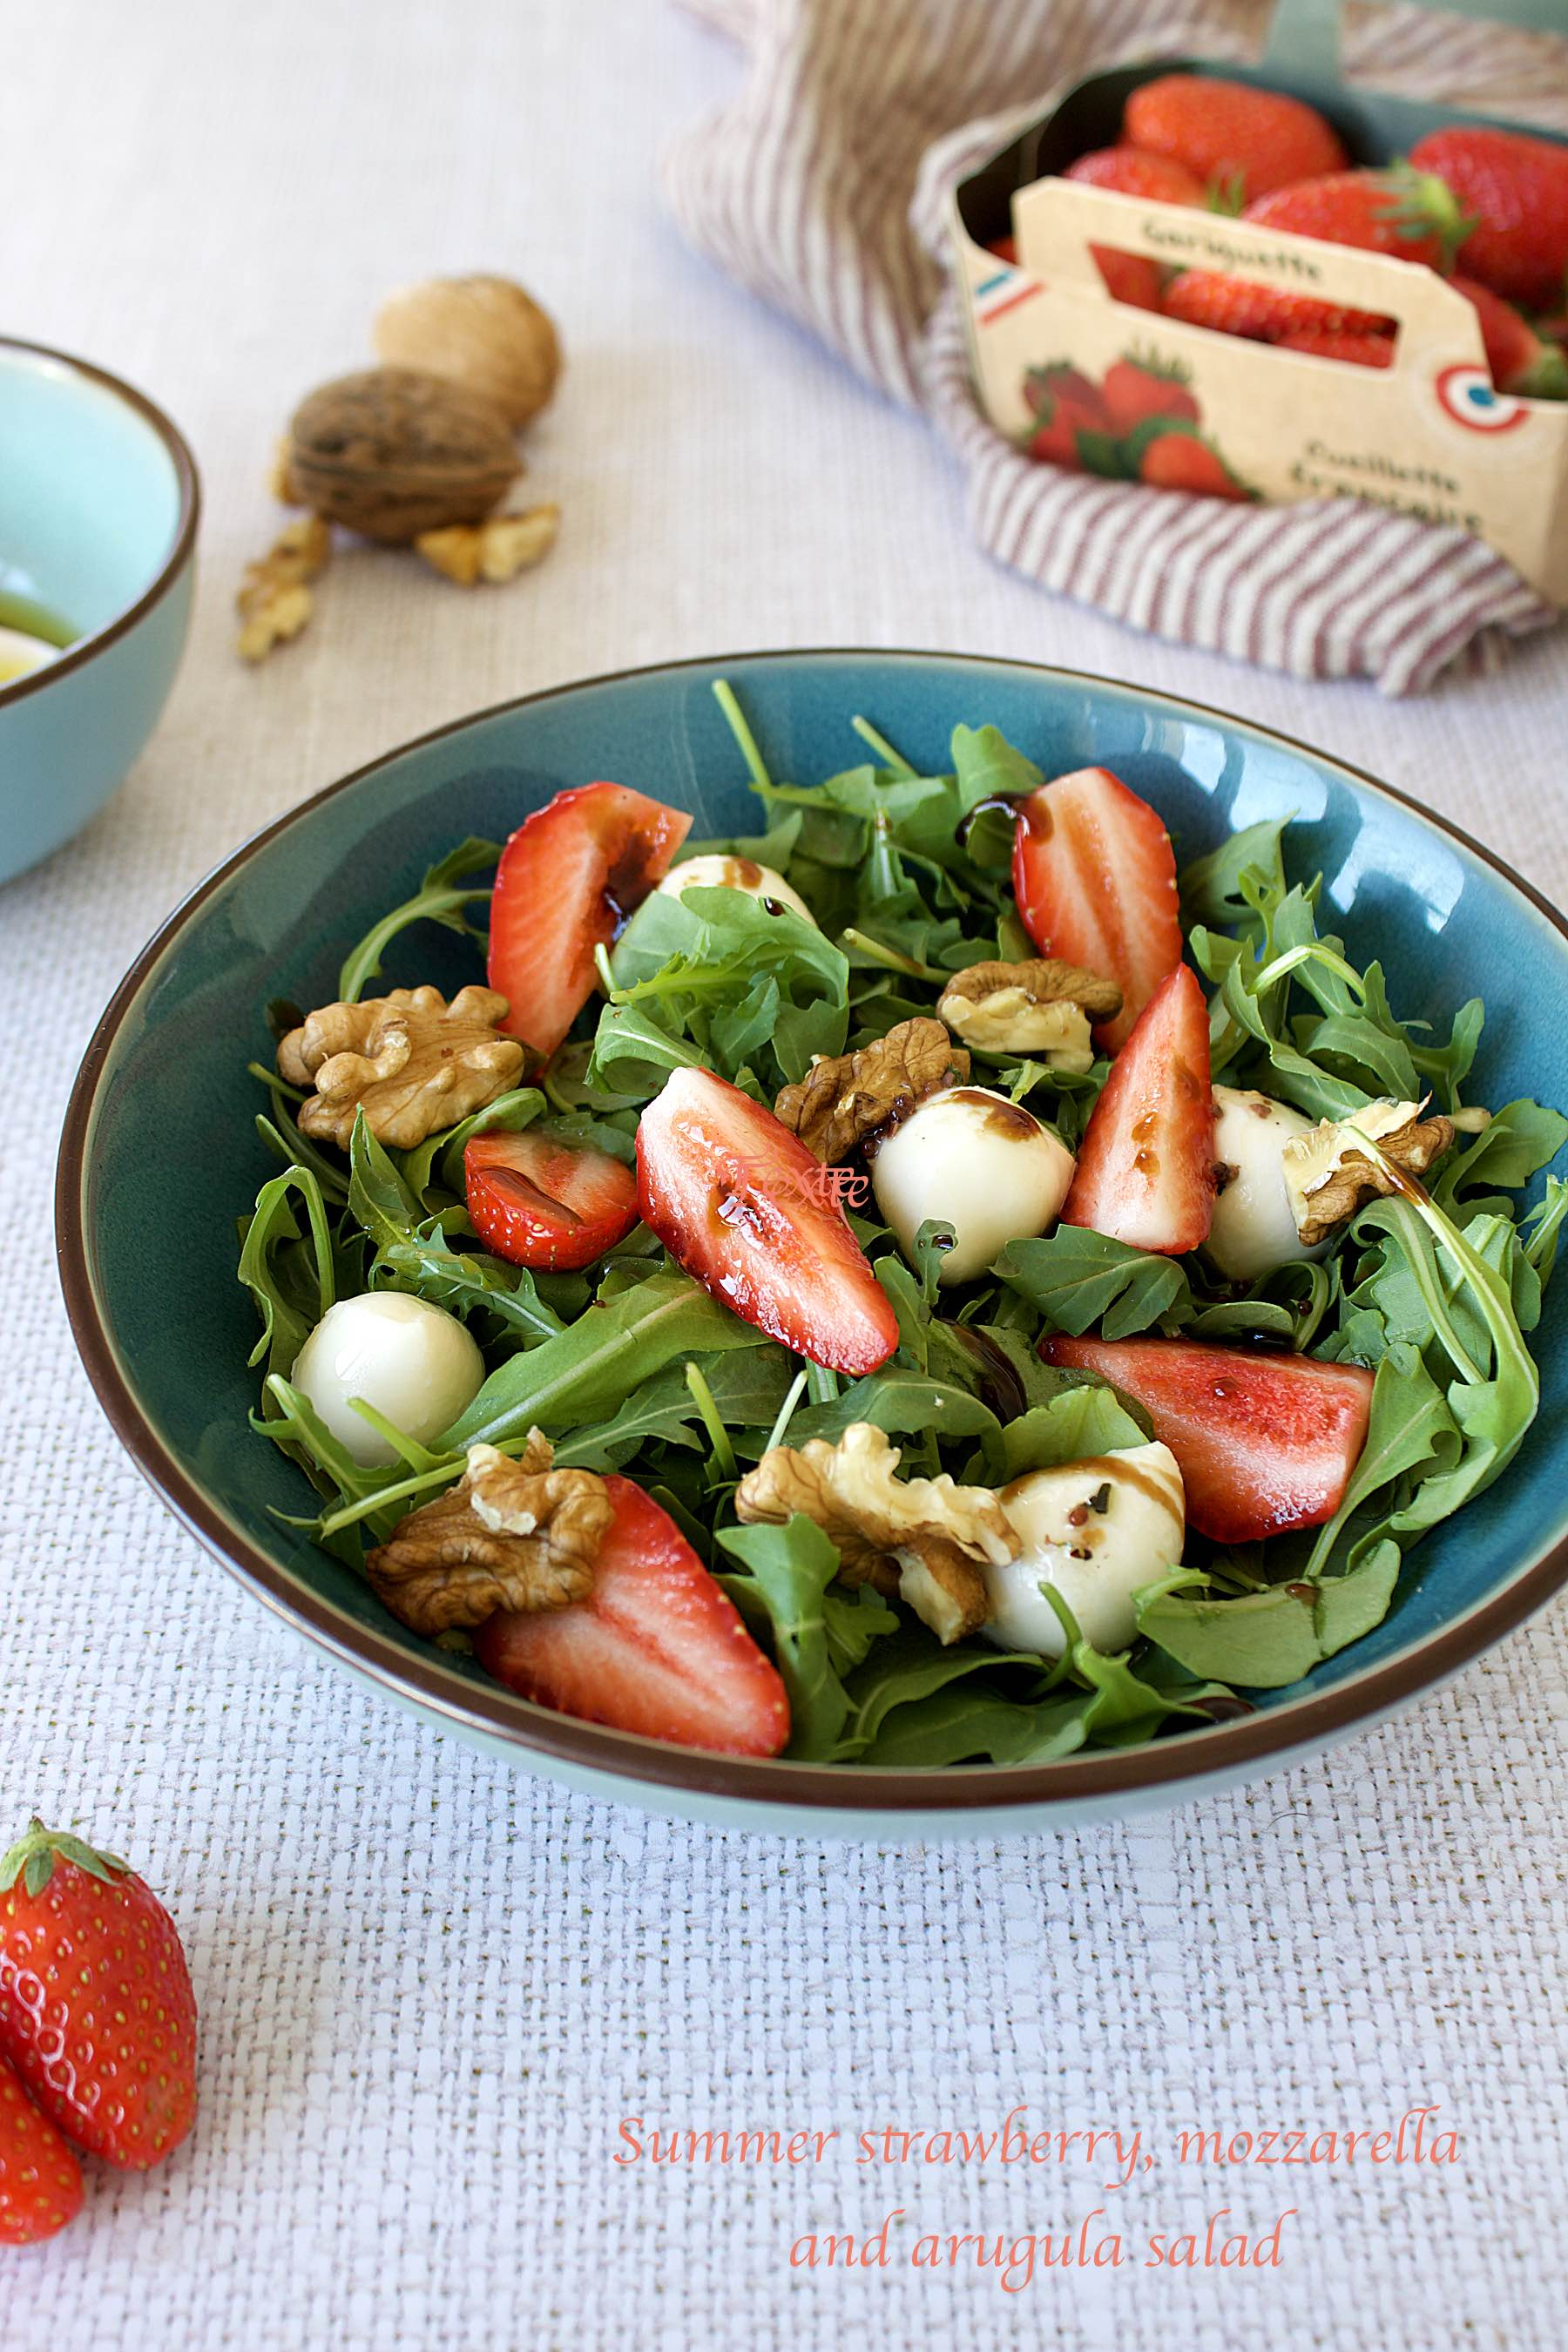 Salade d'été aux fraises, mozzarella et roquette